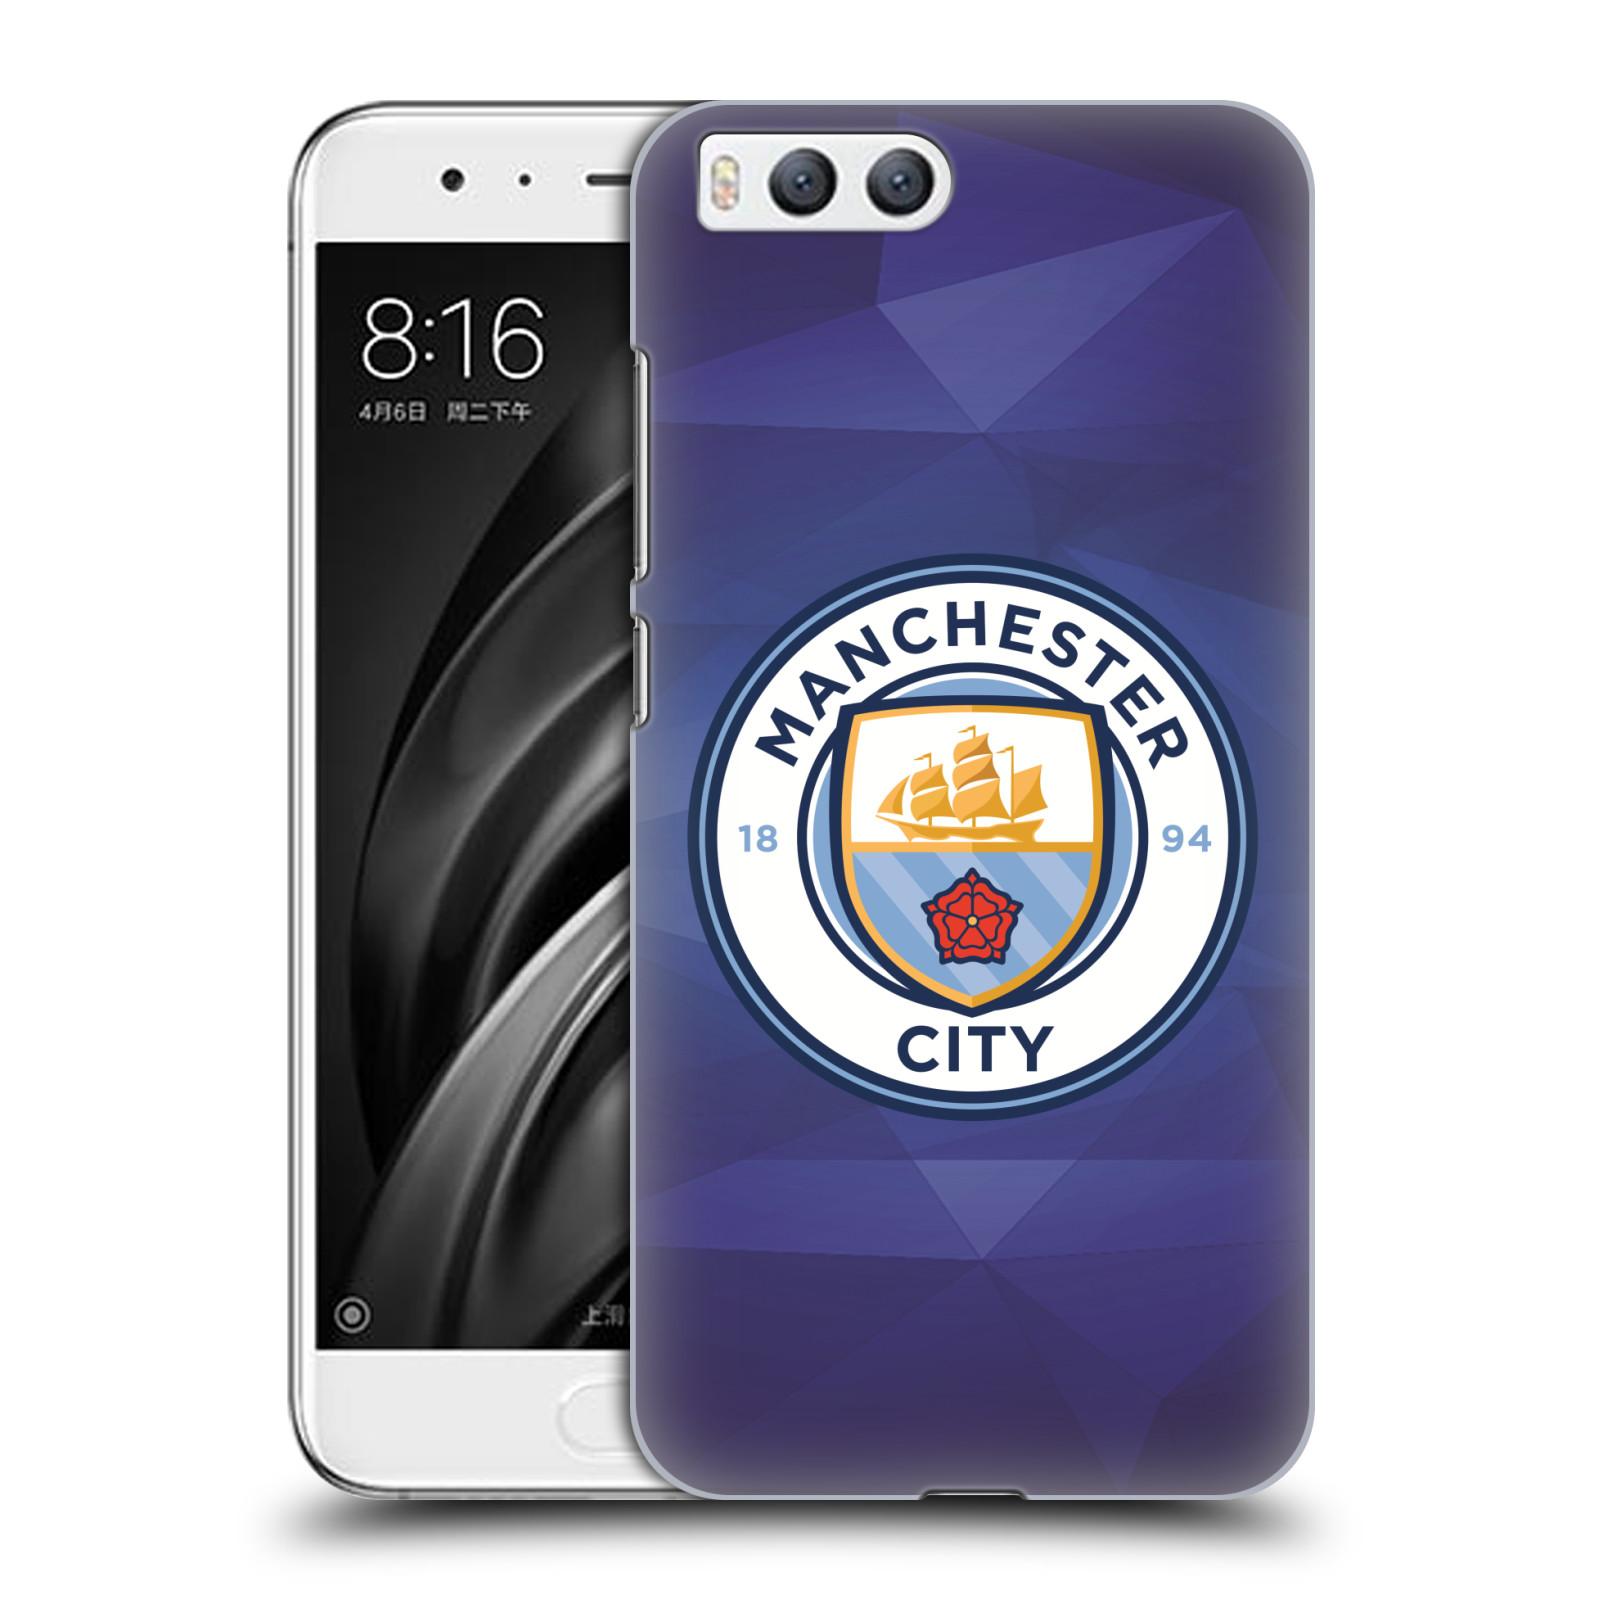 Plastové pouzdro na mobil Xiaomi Mi6 - Head Case - Manchester City FC - Modré nové logo (Plastový kryt či obal na mobilní telefon Xiaomi Mi6 s motivem Manchester City FC - Modré nové logo)